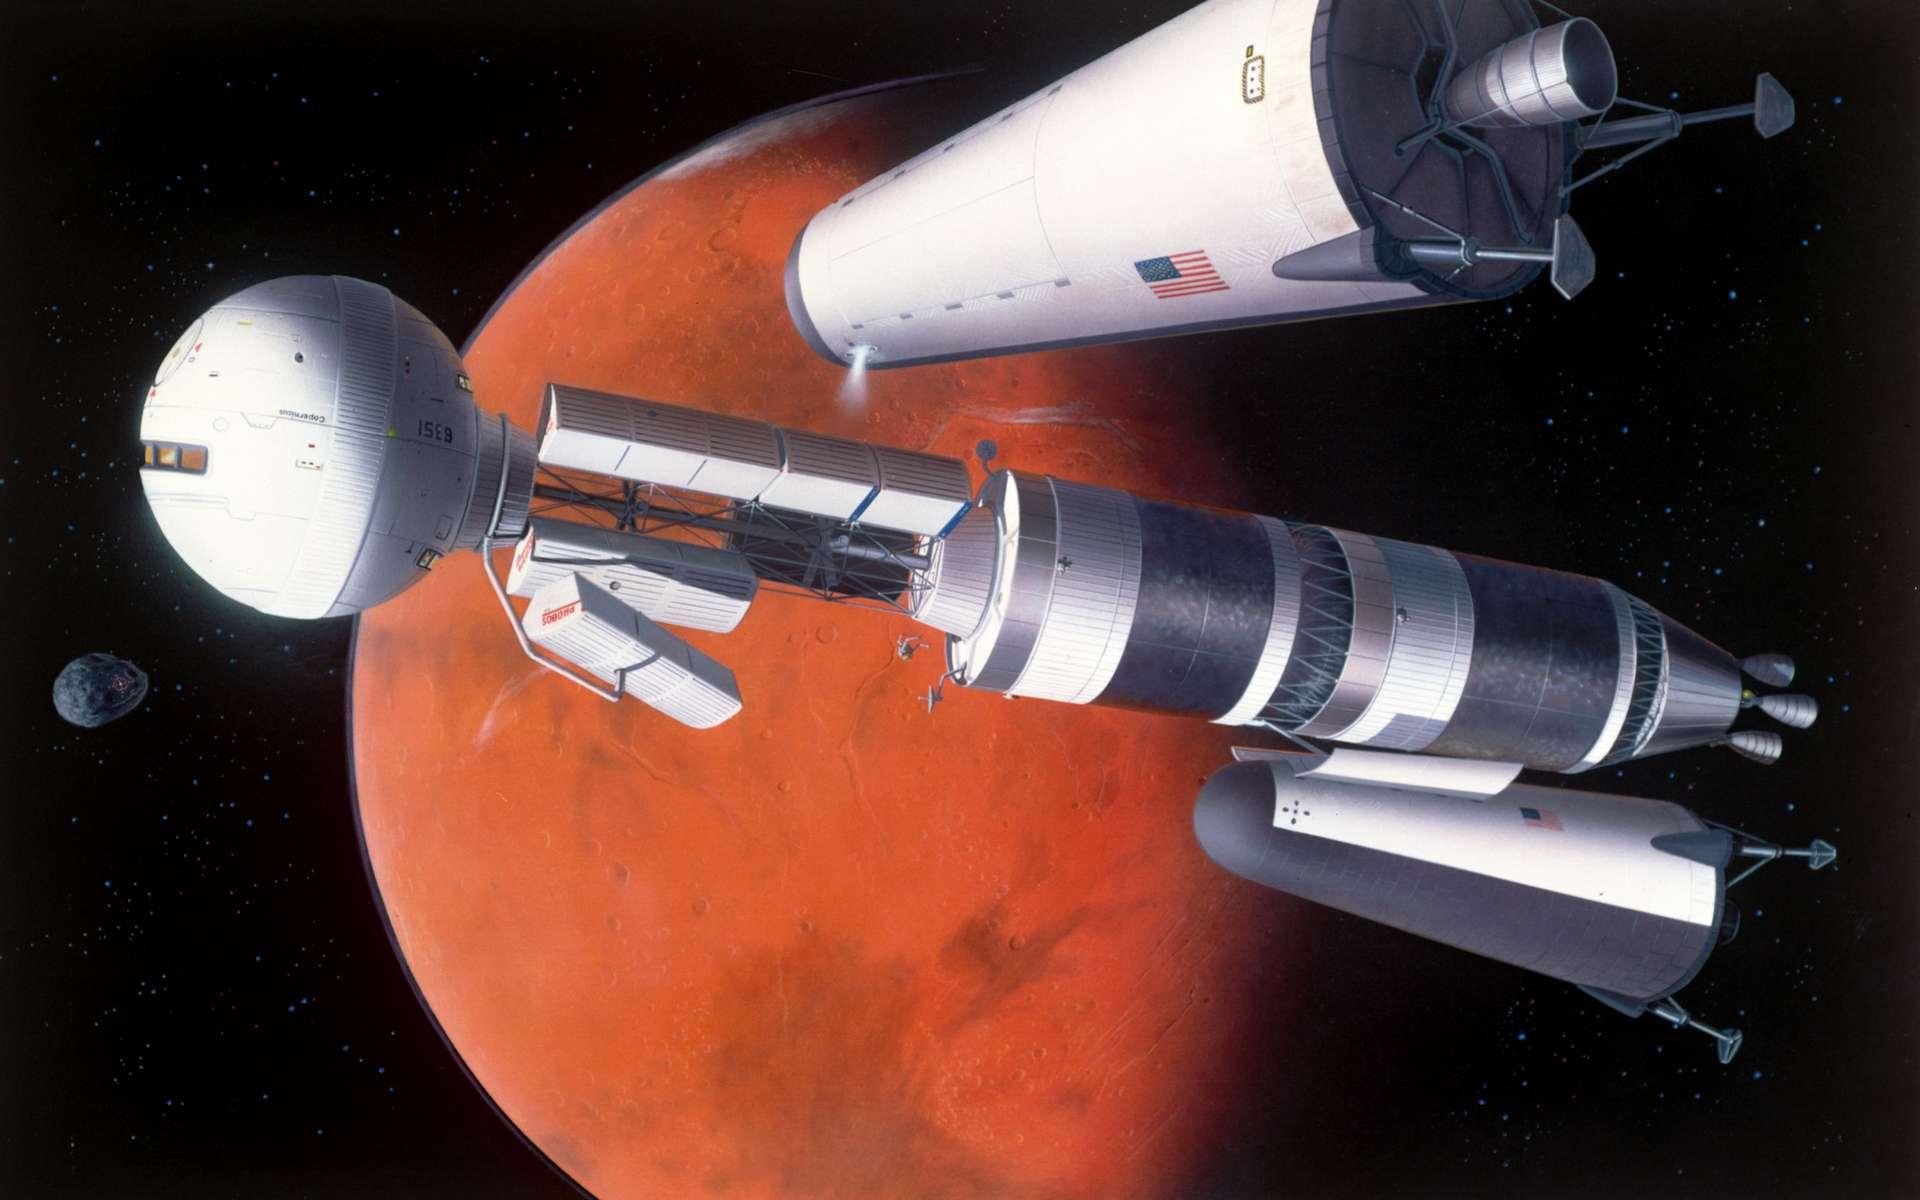 La Nasa développe un nouveau type de détecteur qui rendra plus fiable l'identification des neutrons dans le flux de radiations diverses en provenance de l'espace profond, afin d'aider à protéger les futurs astronautes des vols habités. © Nasa/Johnson Space Center